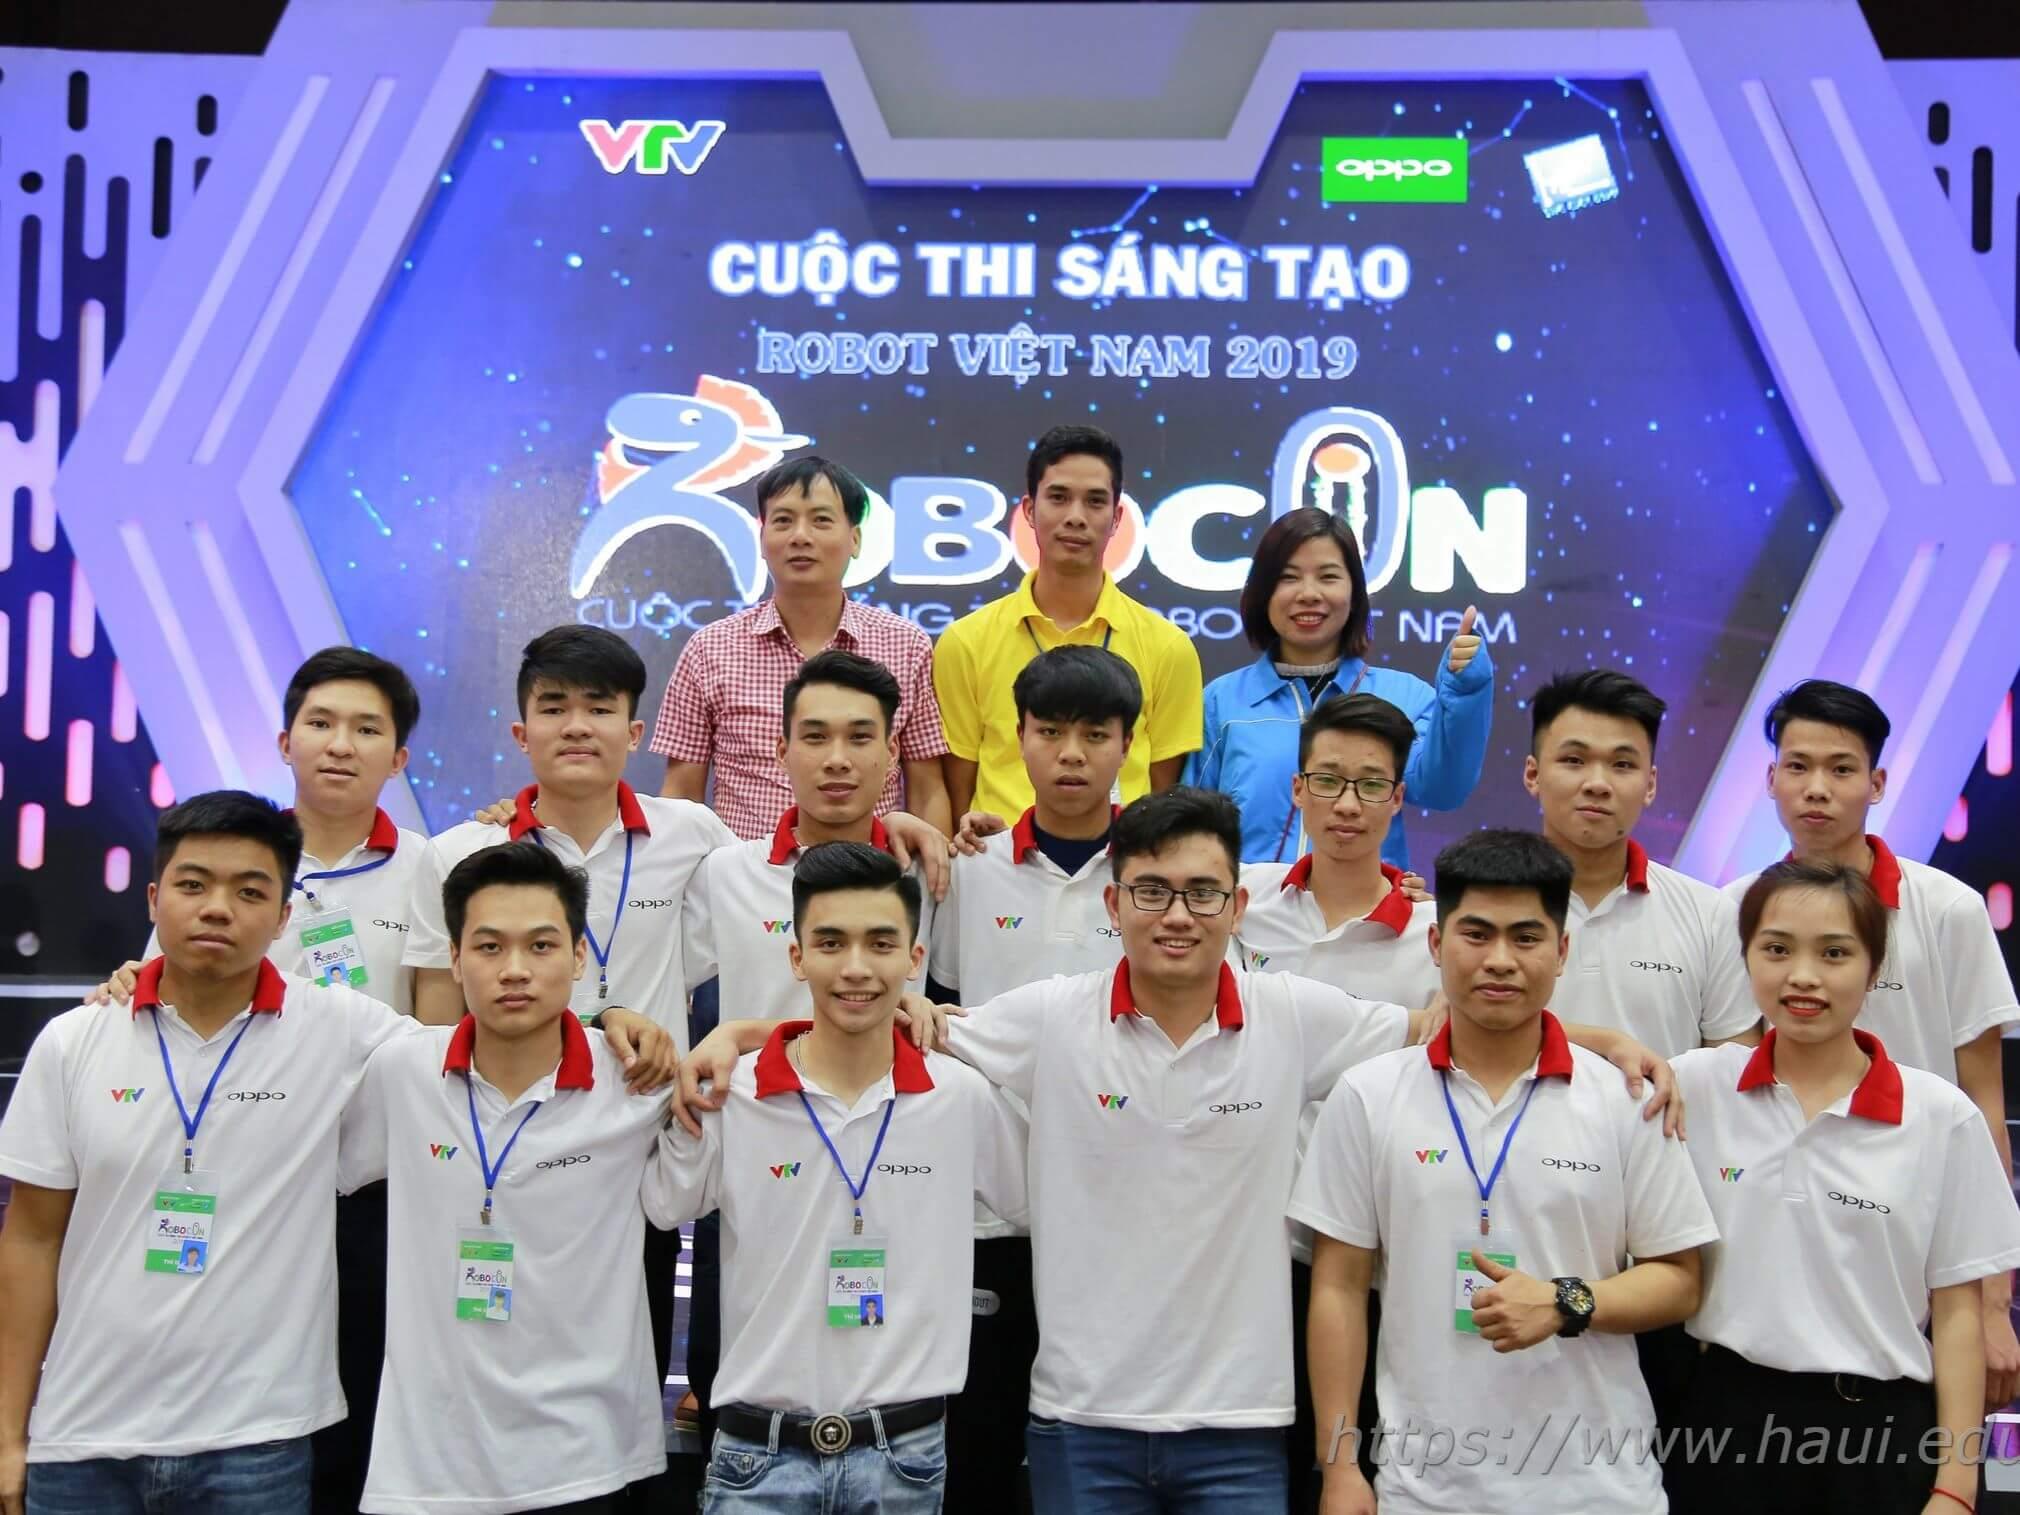 05 đội tuyển Robocon ĐHCNHN toàn thắng tại cuộc thi sáng tạo Robot Việt Nam năm 2019 - khu vực phía Bắc